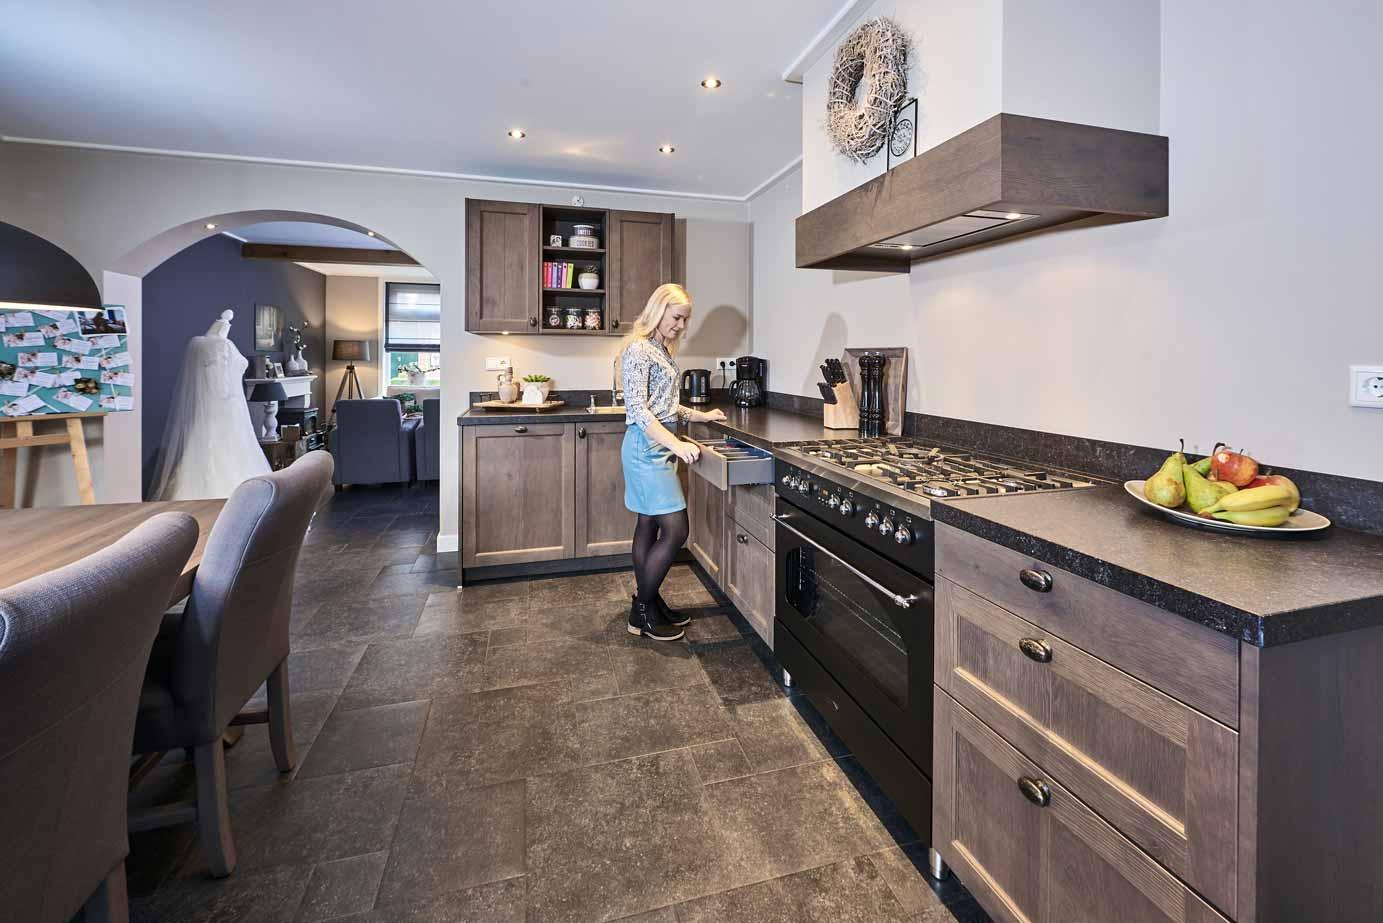 Keuken kopen in oud gastel lees klantervaringen pelma